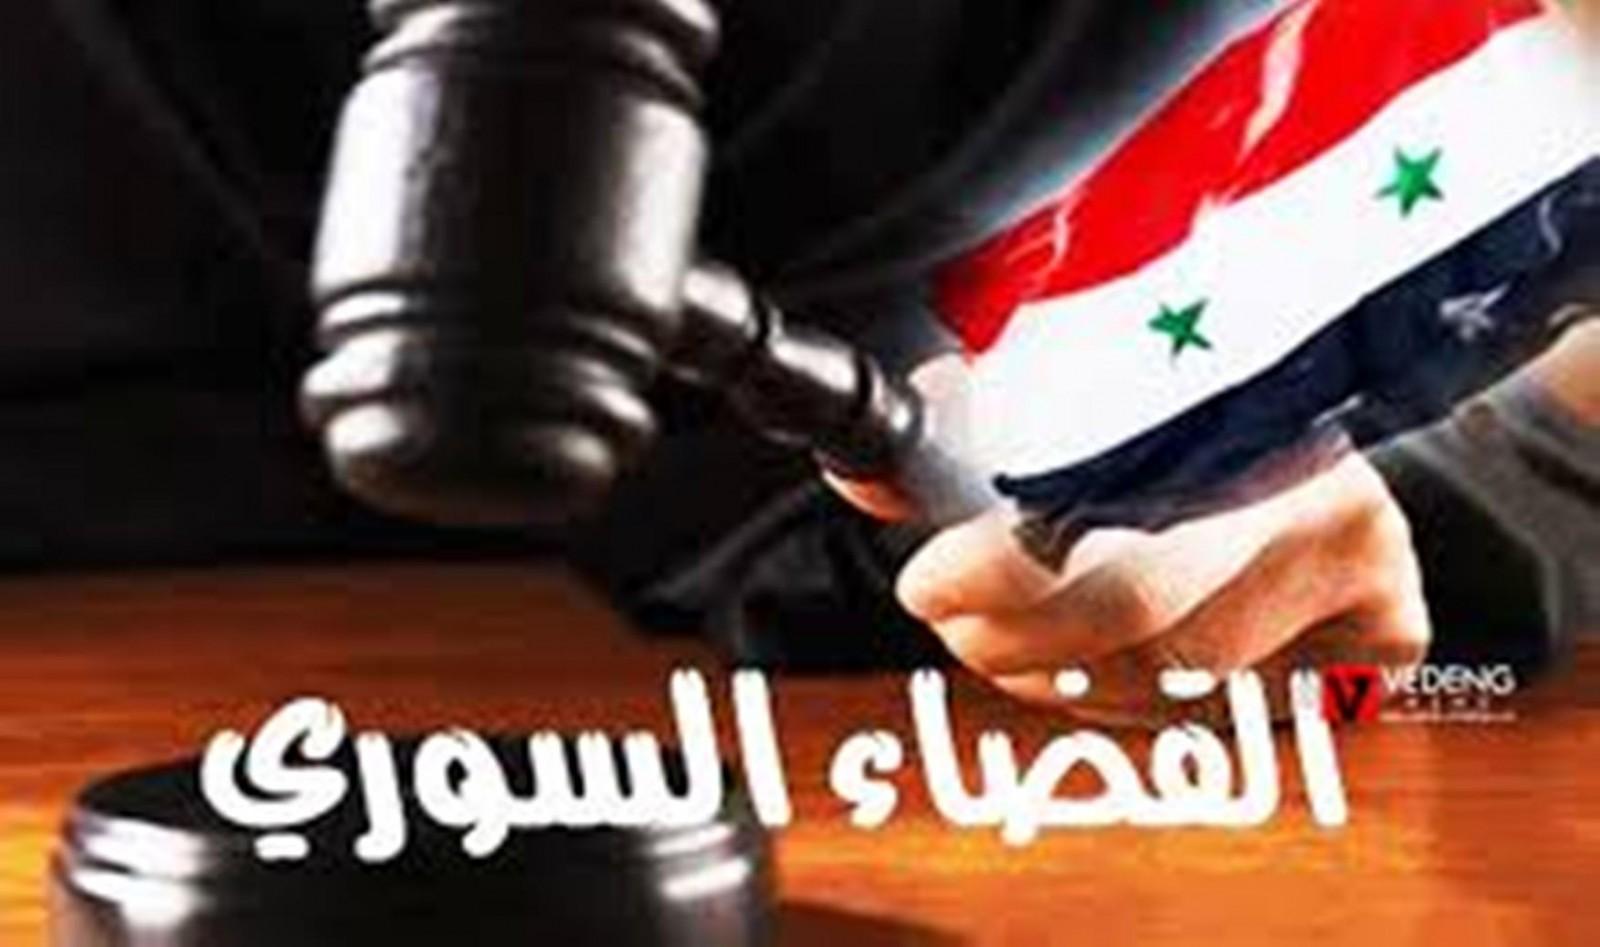 فيروس كورونا يهاجم قضاة النظام ... تسجيل اربع حالات في عدلية دمشق